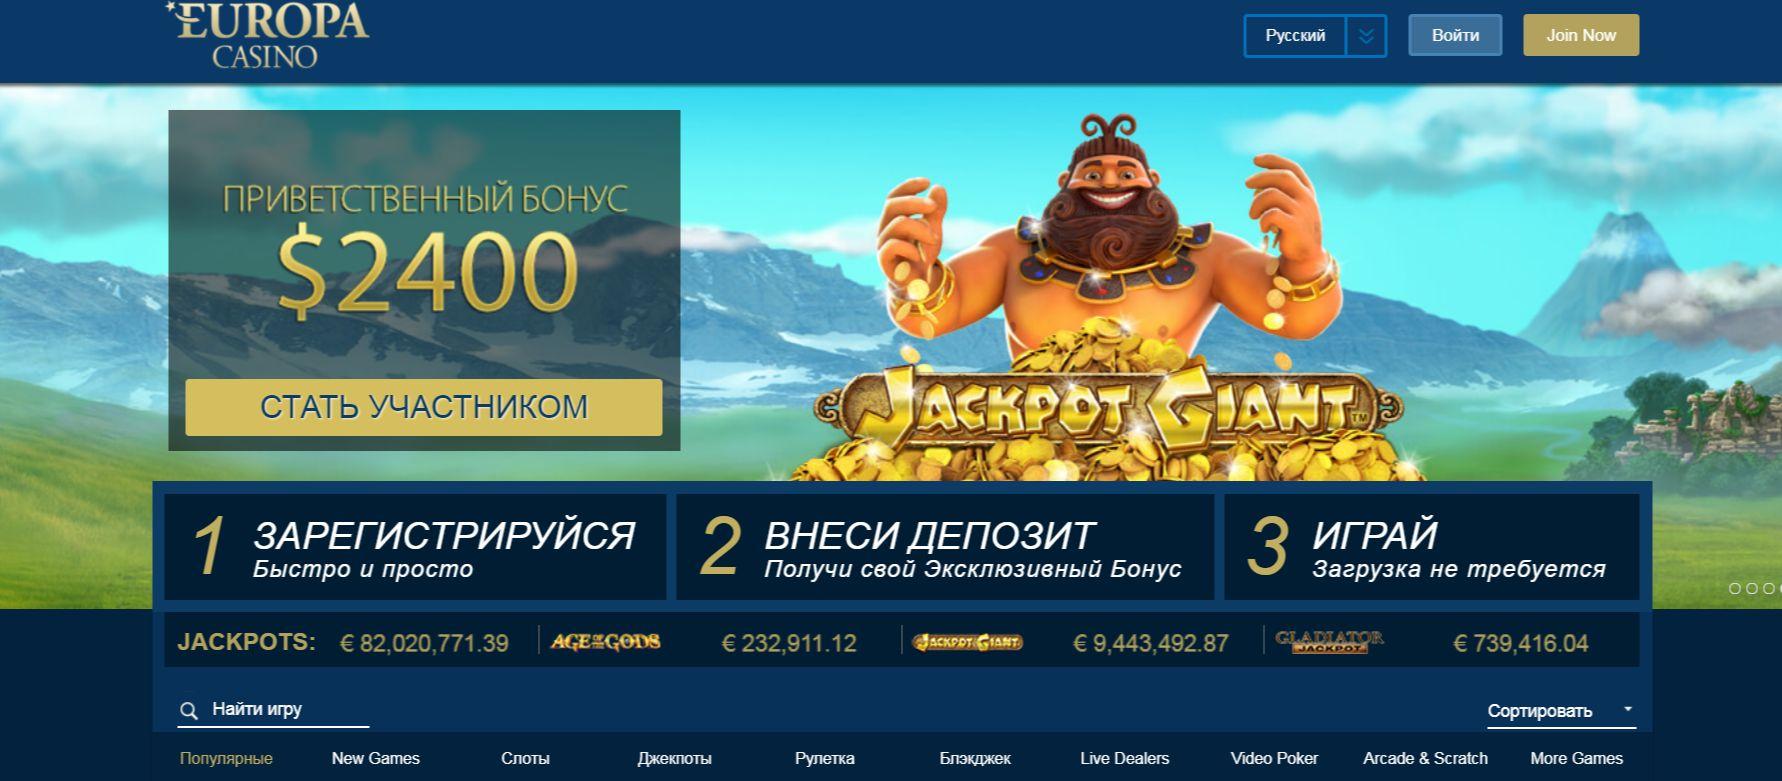 Обзор казино Европа Официальный сайт